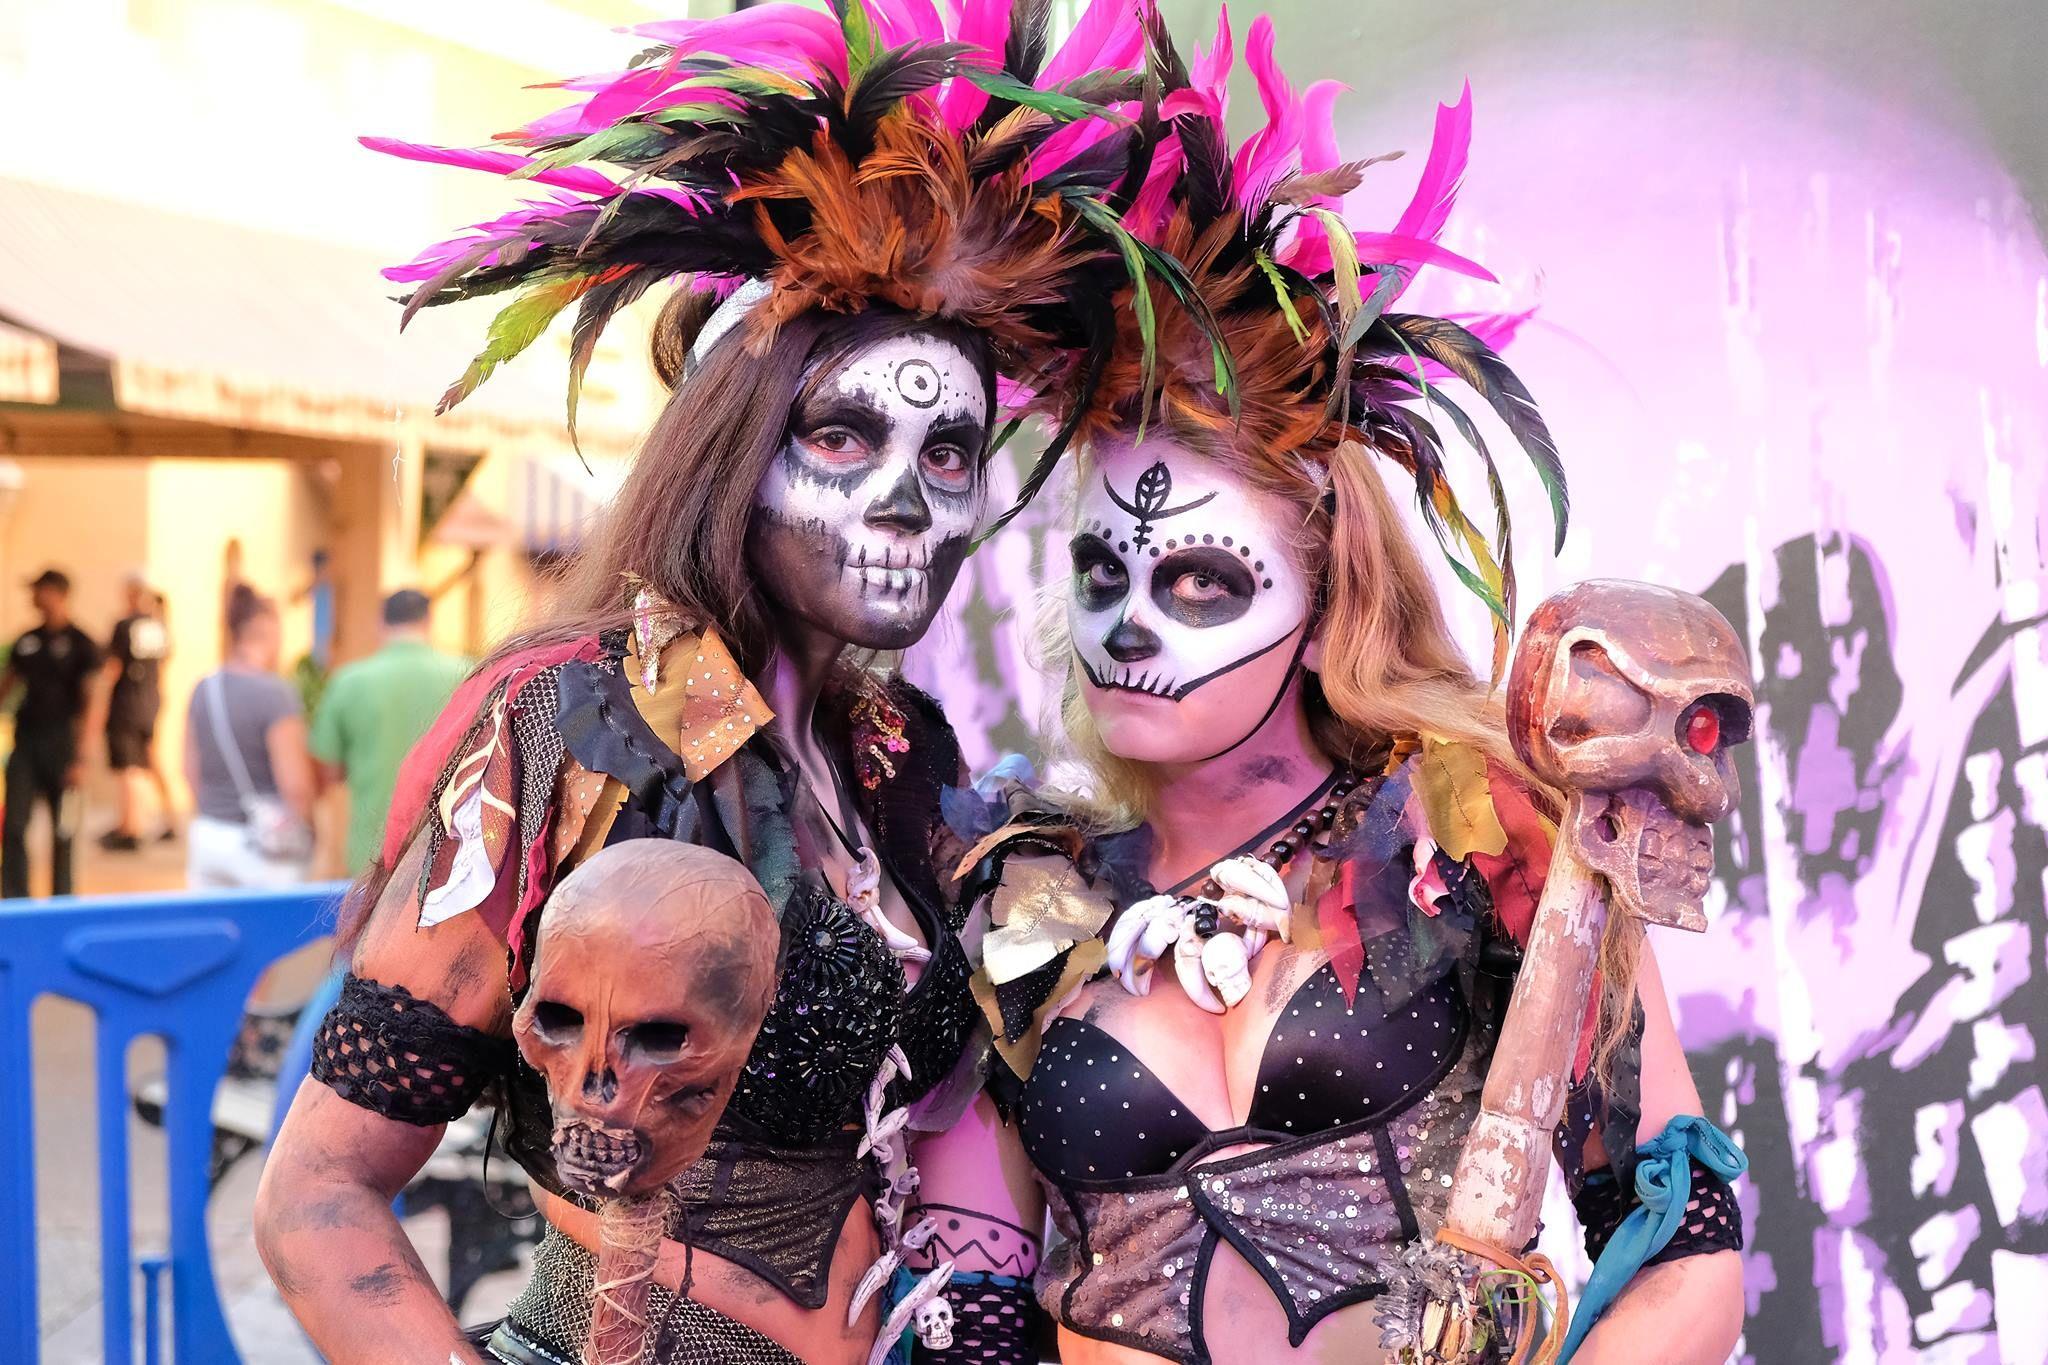 e6ecc2b4b11b1ef44b17a94bfeb9c48e - Busch Gardens Howl O Scream Reviews